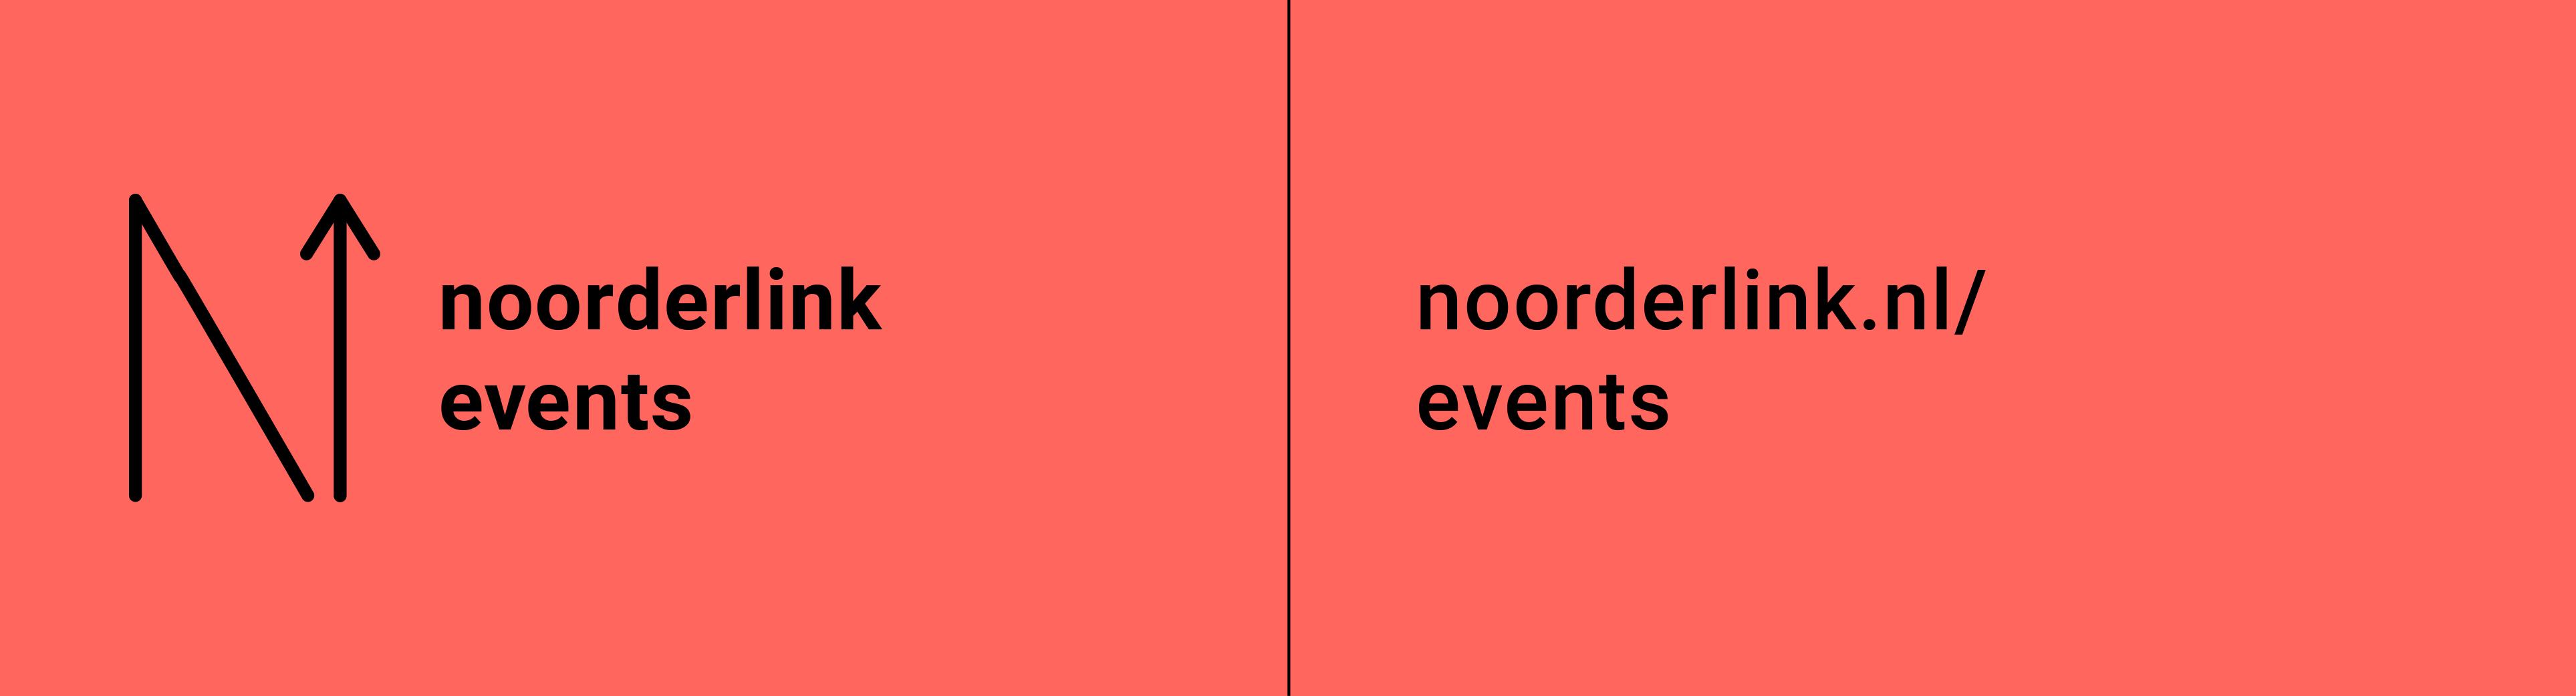 Bakkerij: Lifestyle en Duurzame Inzetbaarheid met Healthy Aging Network Noord-Nederland